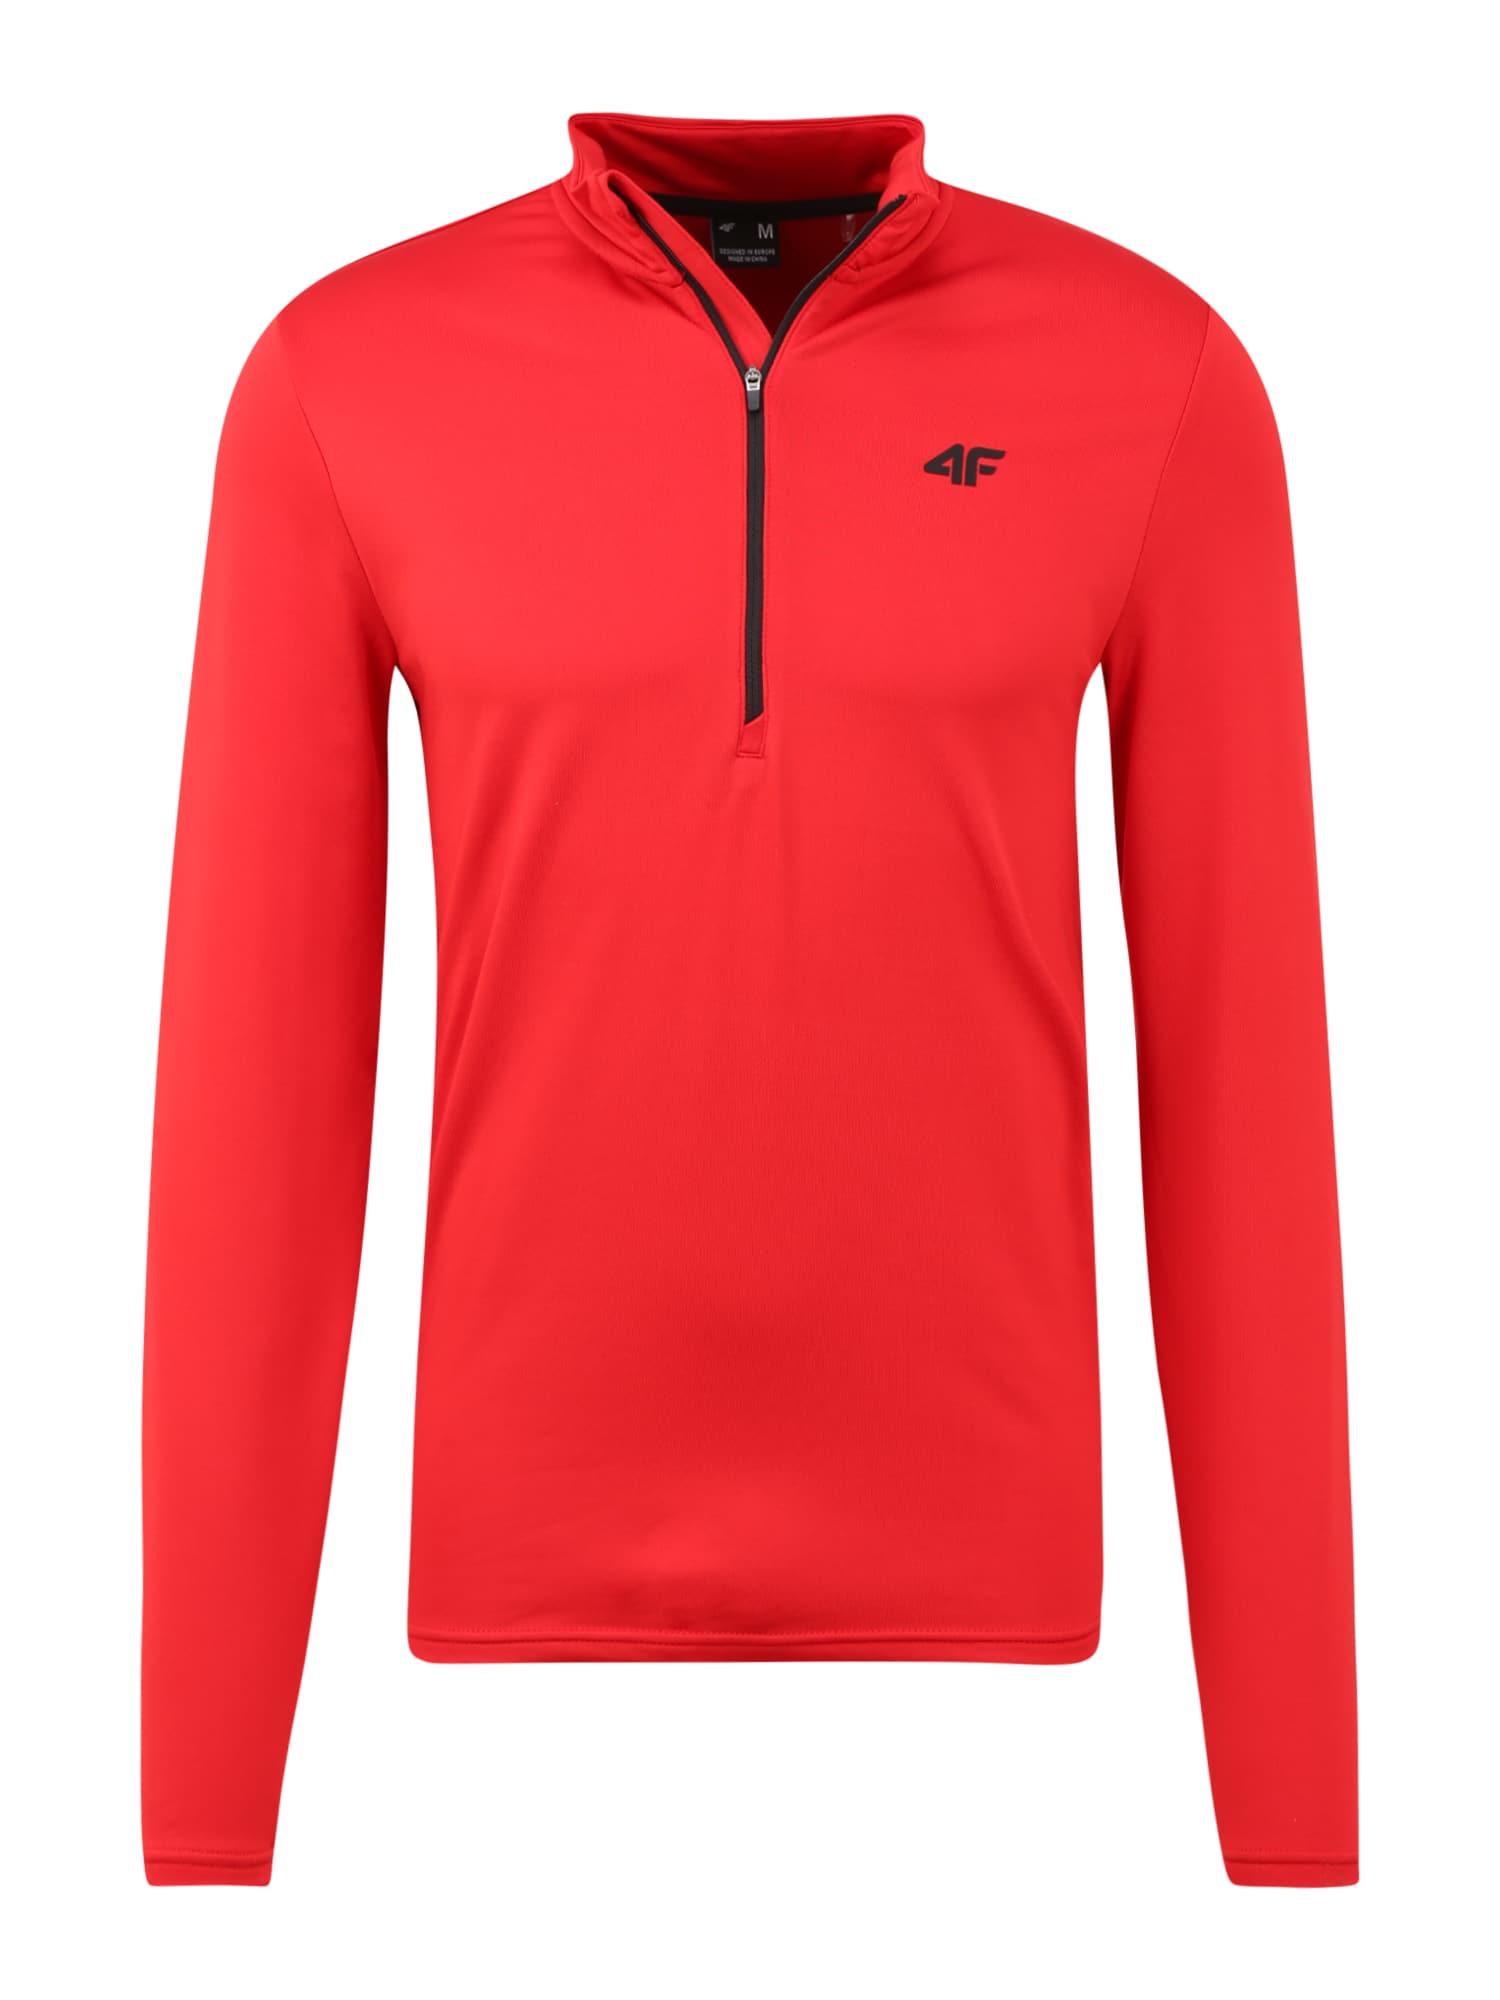 4F Sportiniai apatiniai marškinėliai raudona